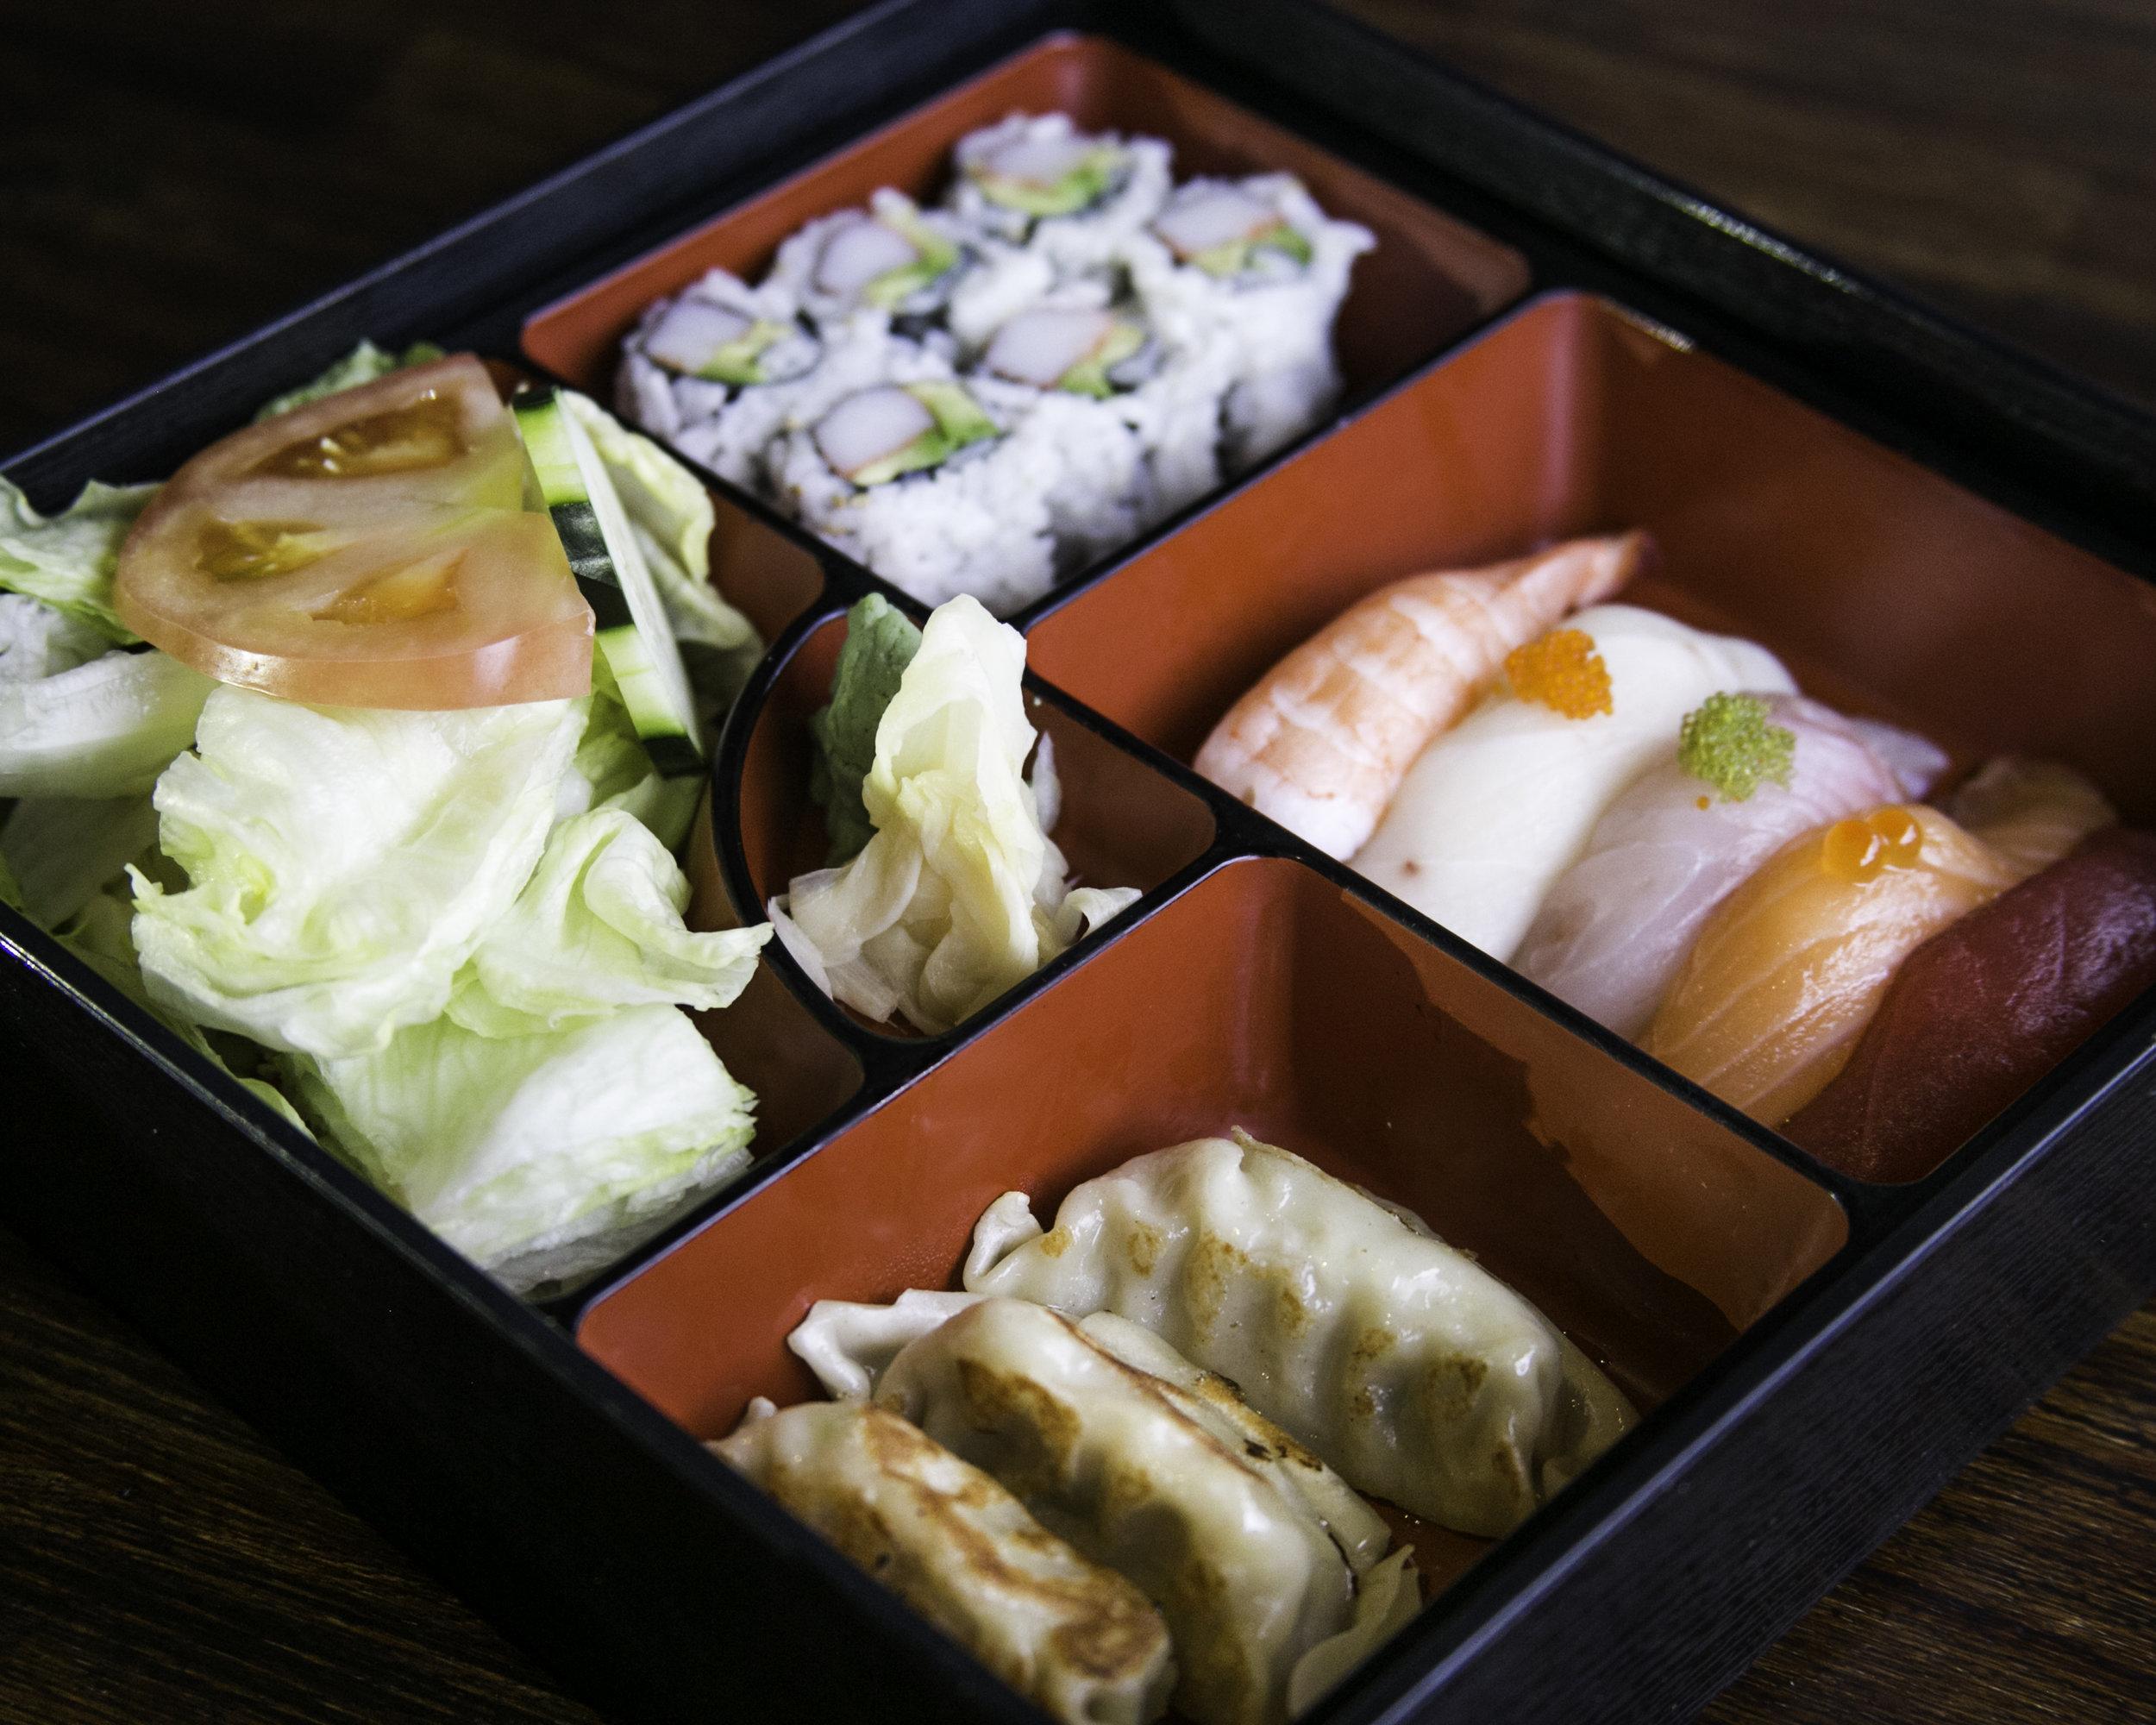 Masaki Teriyaki & Sushi_Sushi Bento Box_2880x2304-4.jpg